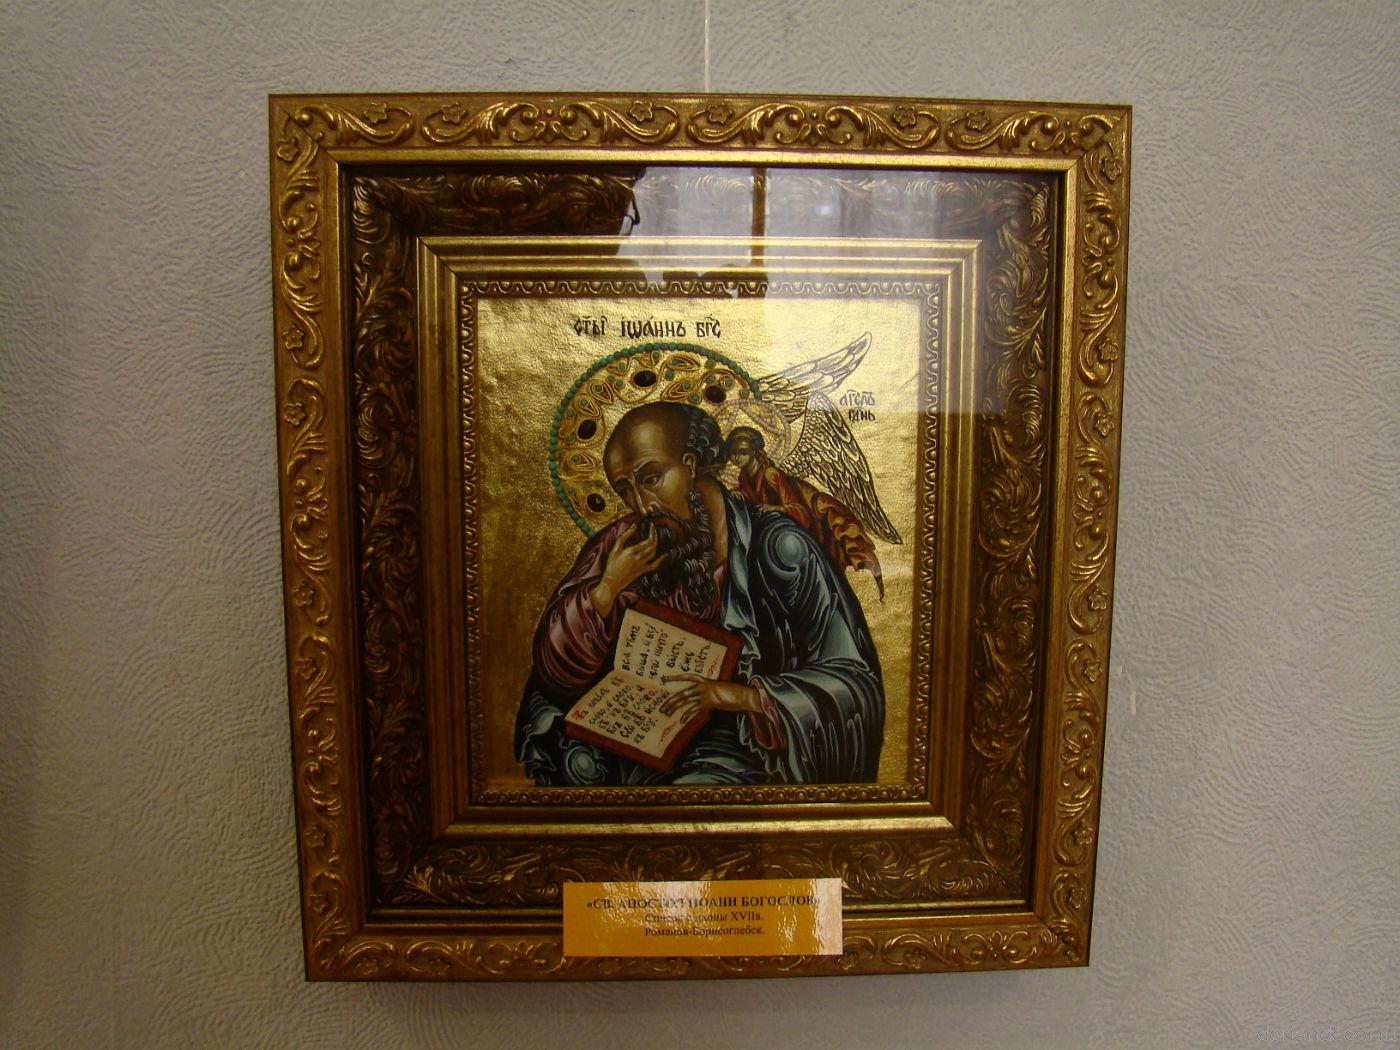 Список с иконы Иоанна Богослова